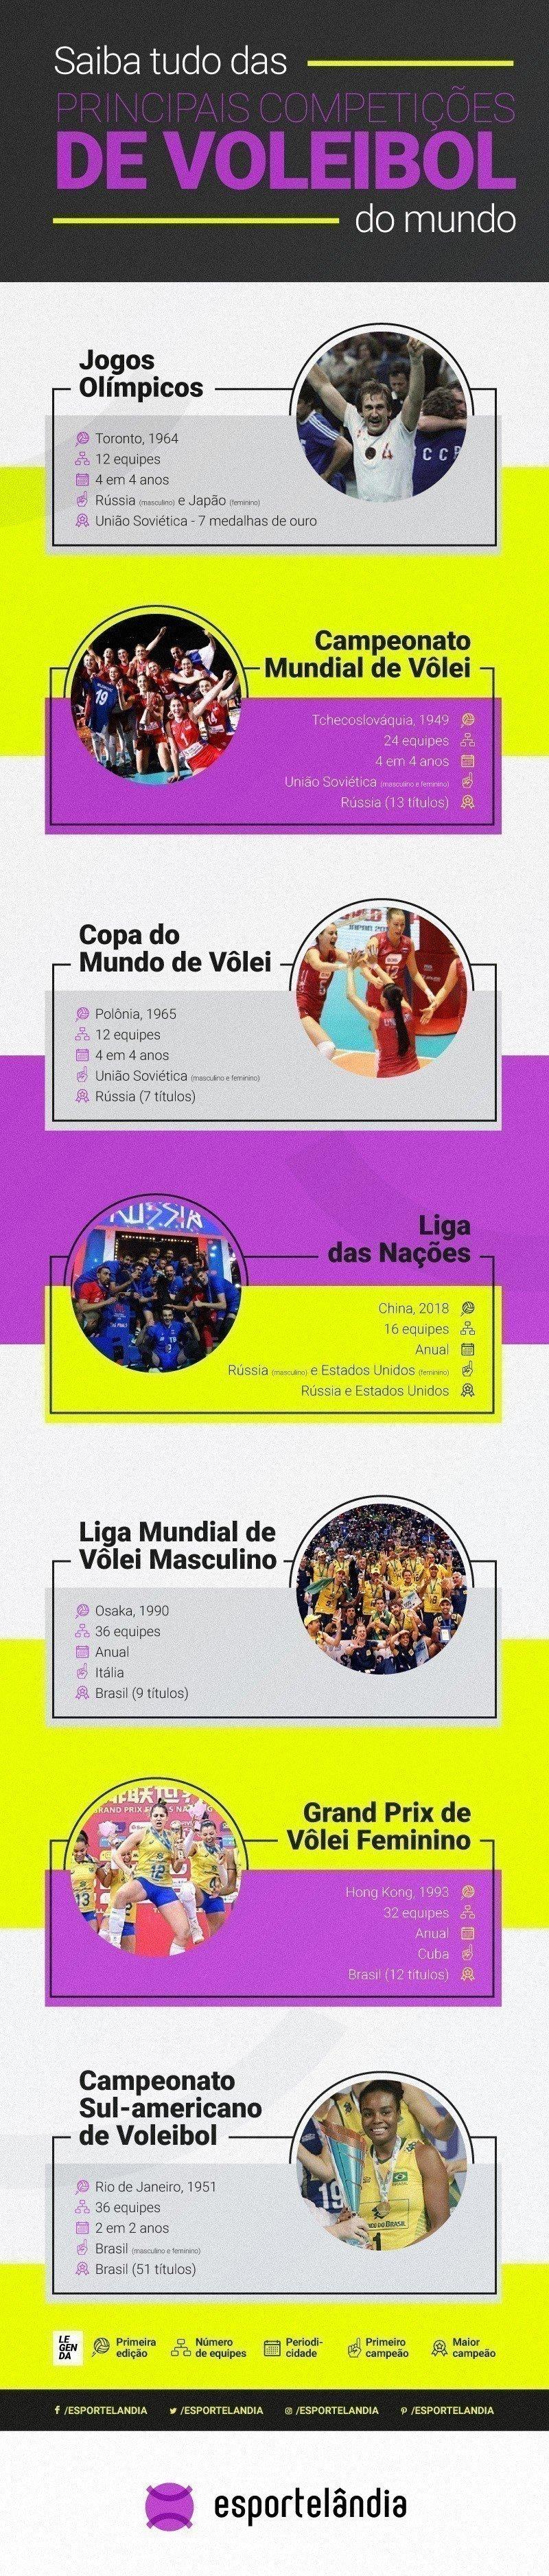 Tudo das principais competições de voleibol no mundo